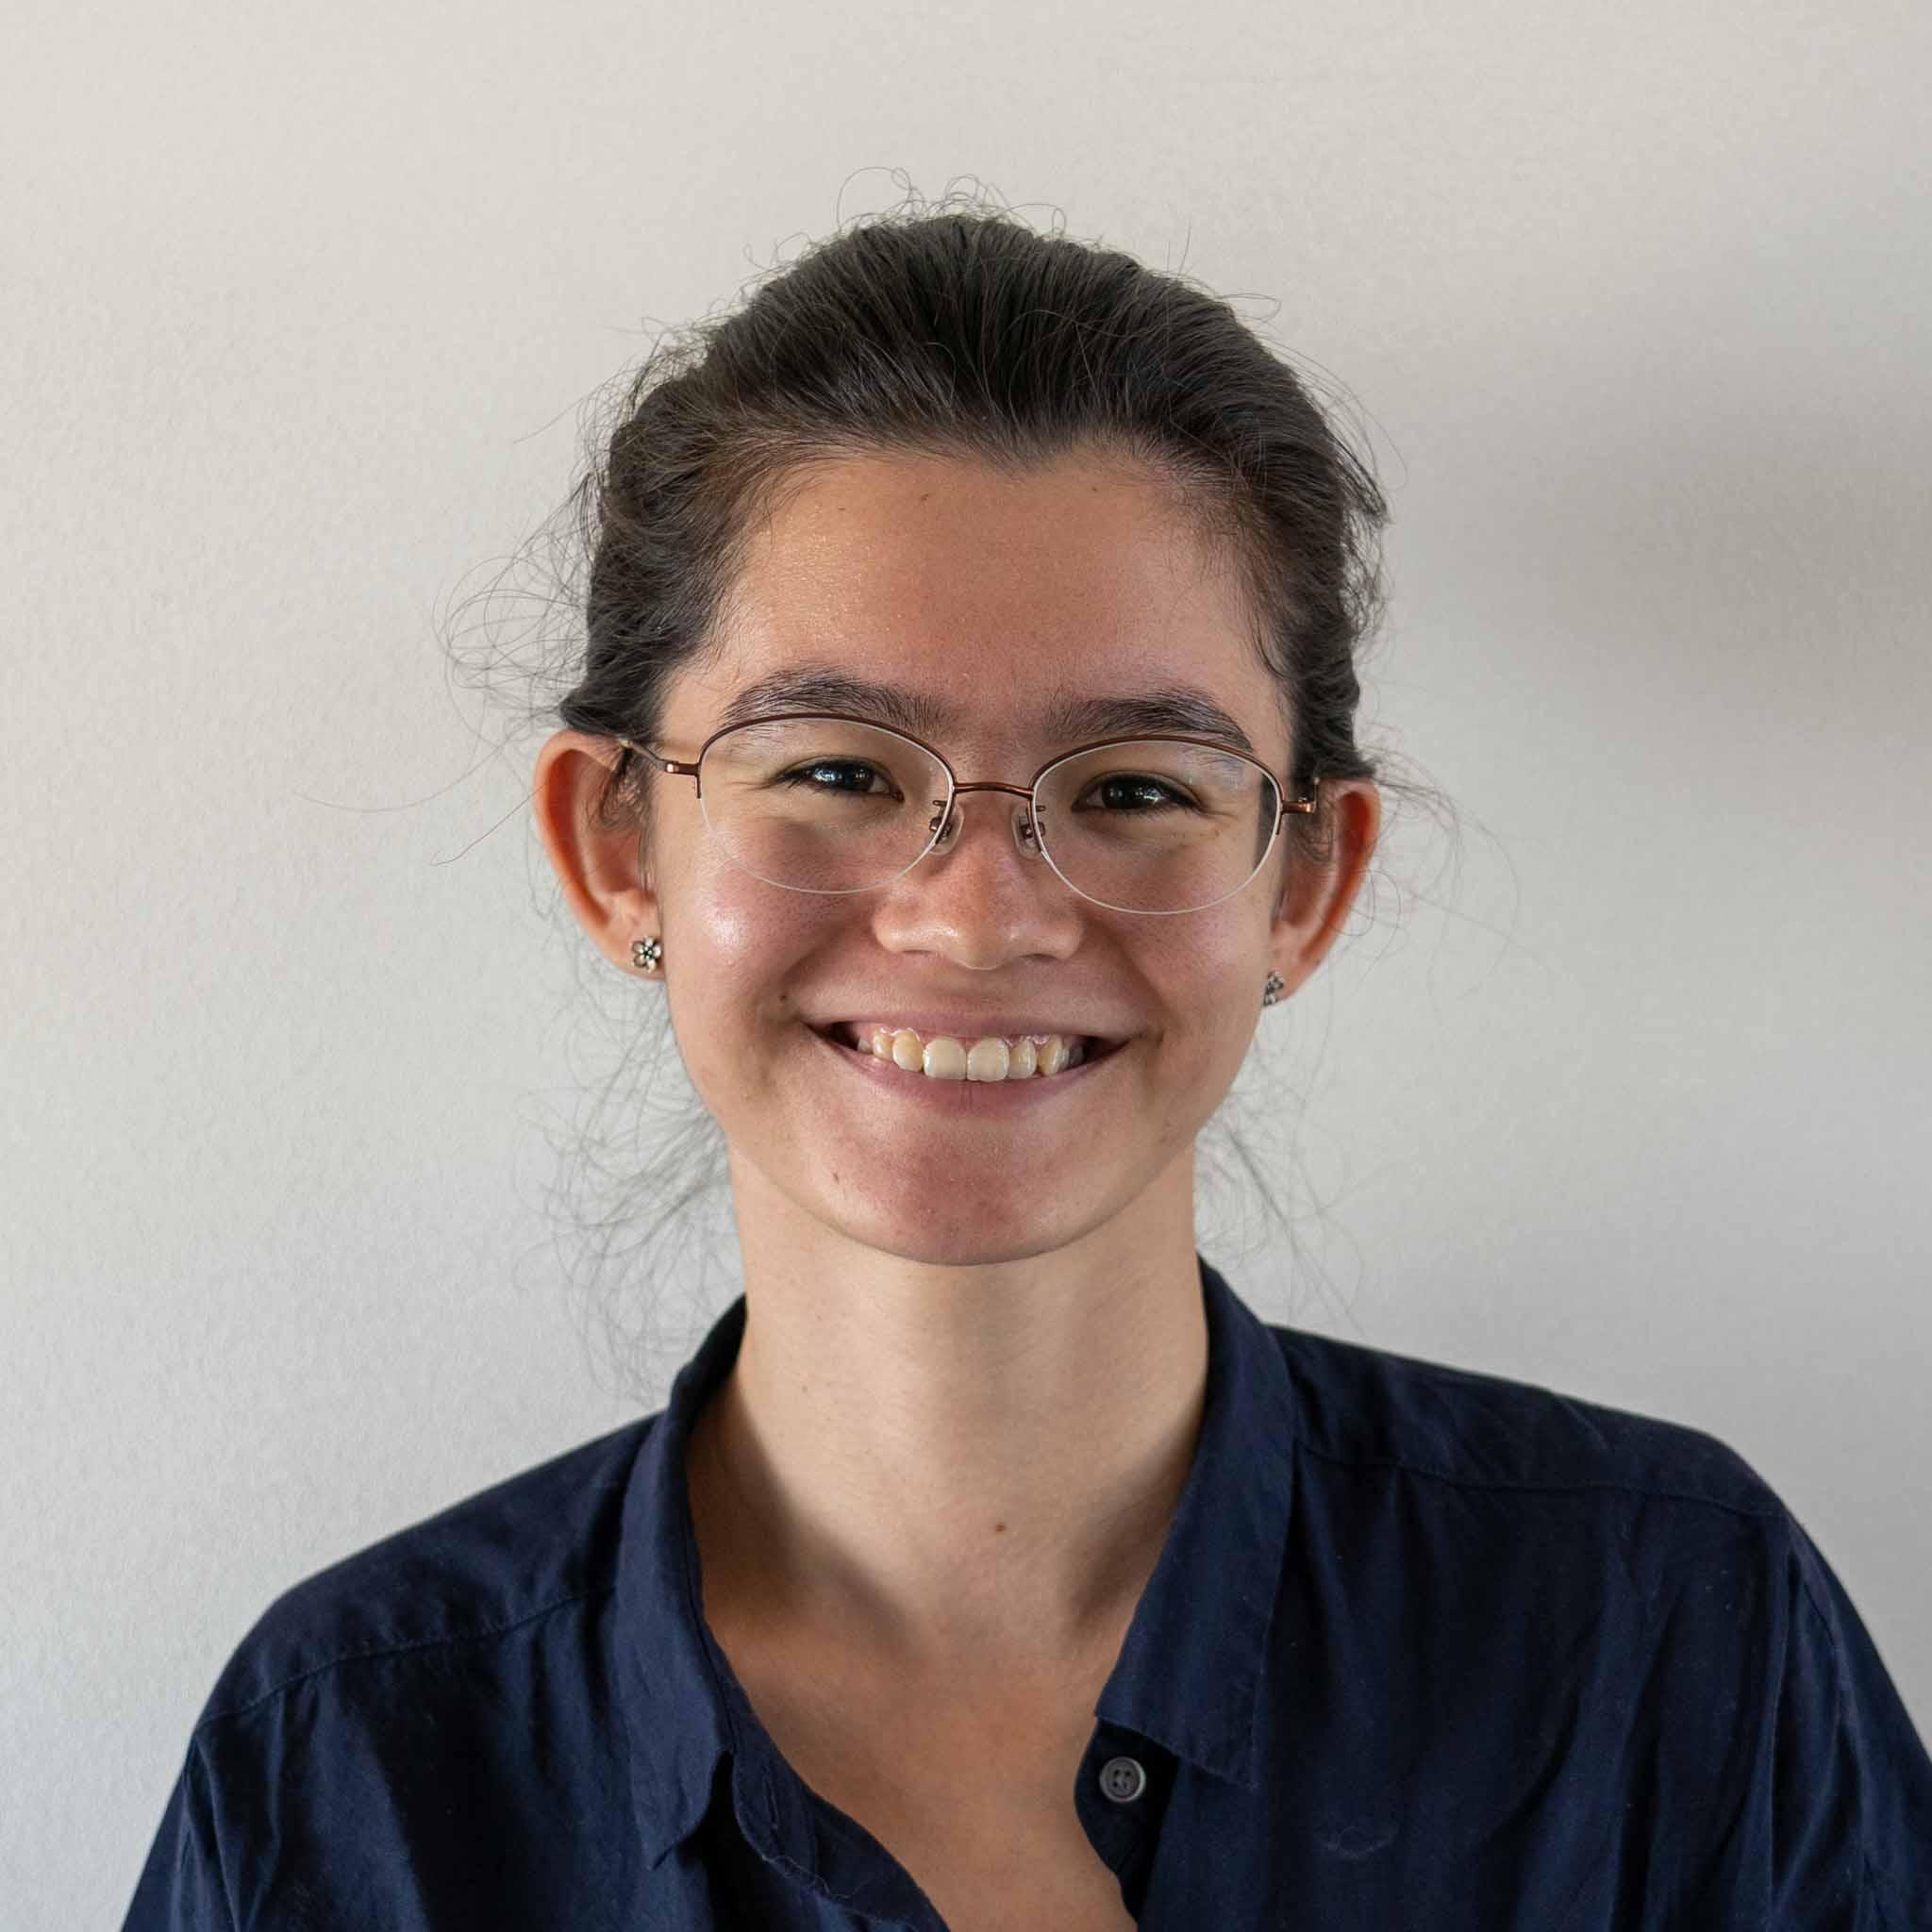 Erika Dunphy